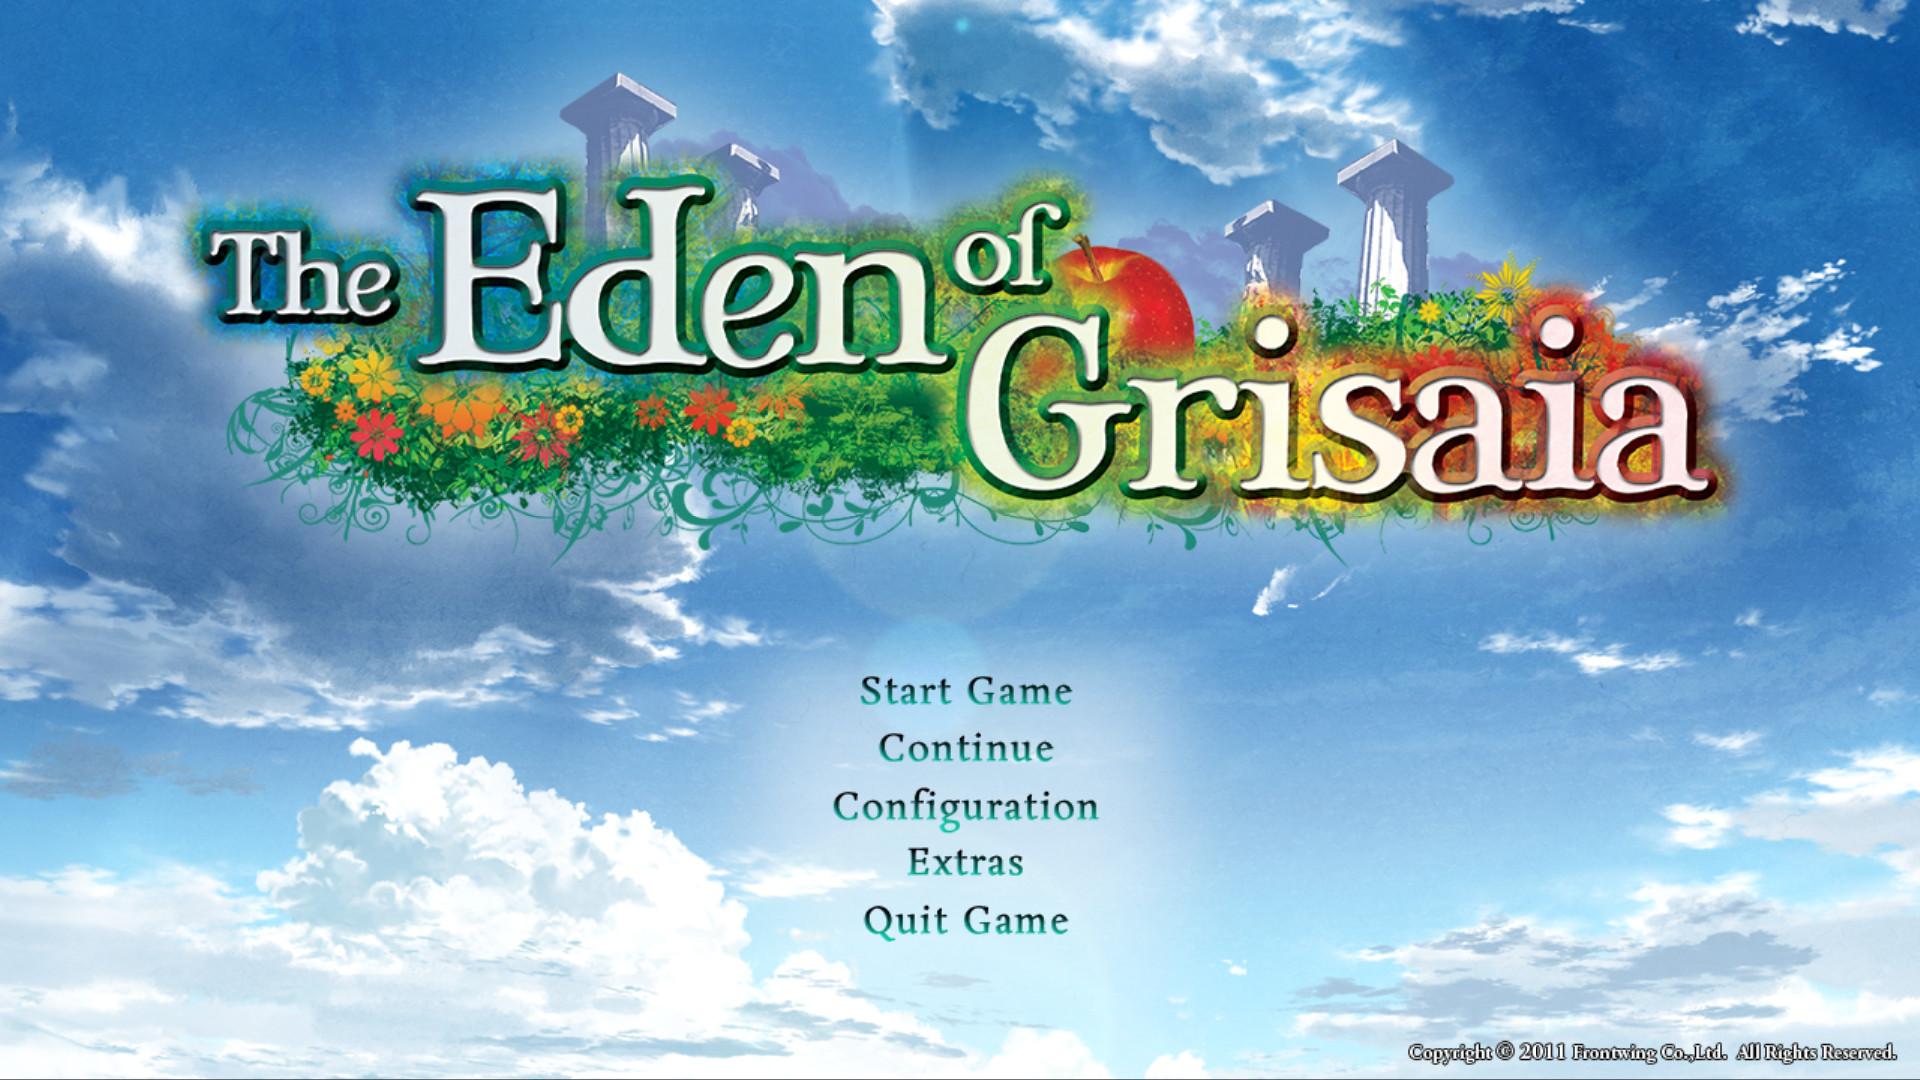 格雷西亚的伊甸园 游戏截图